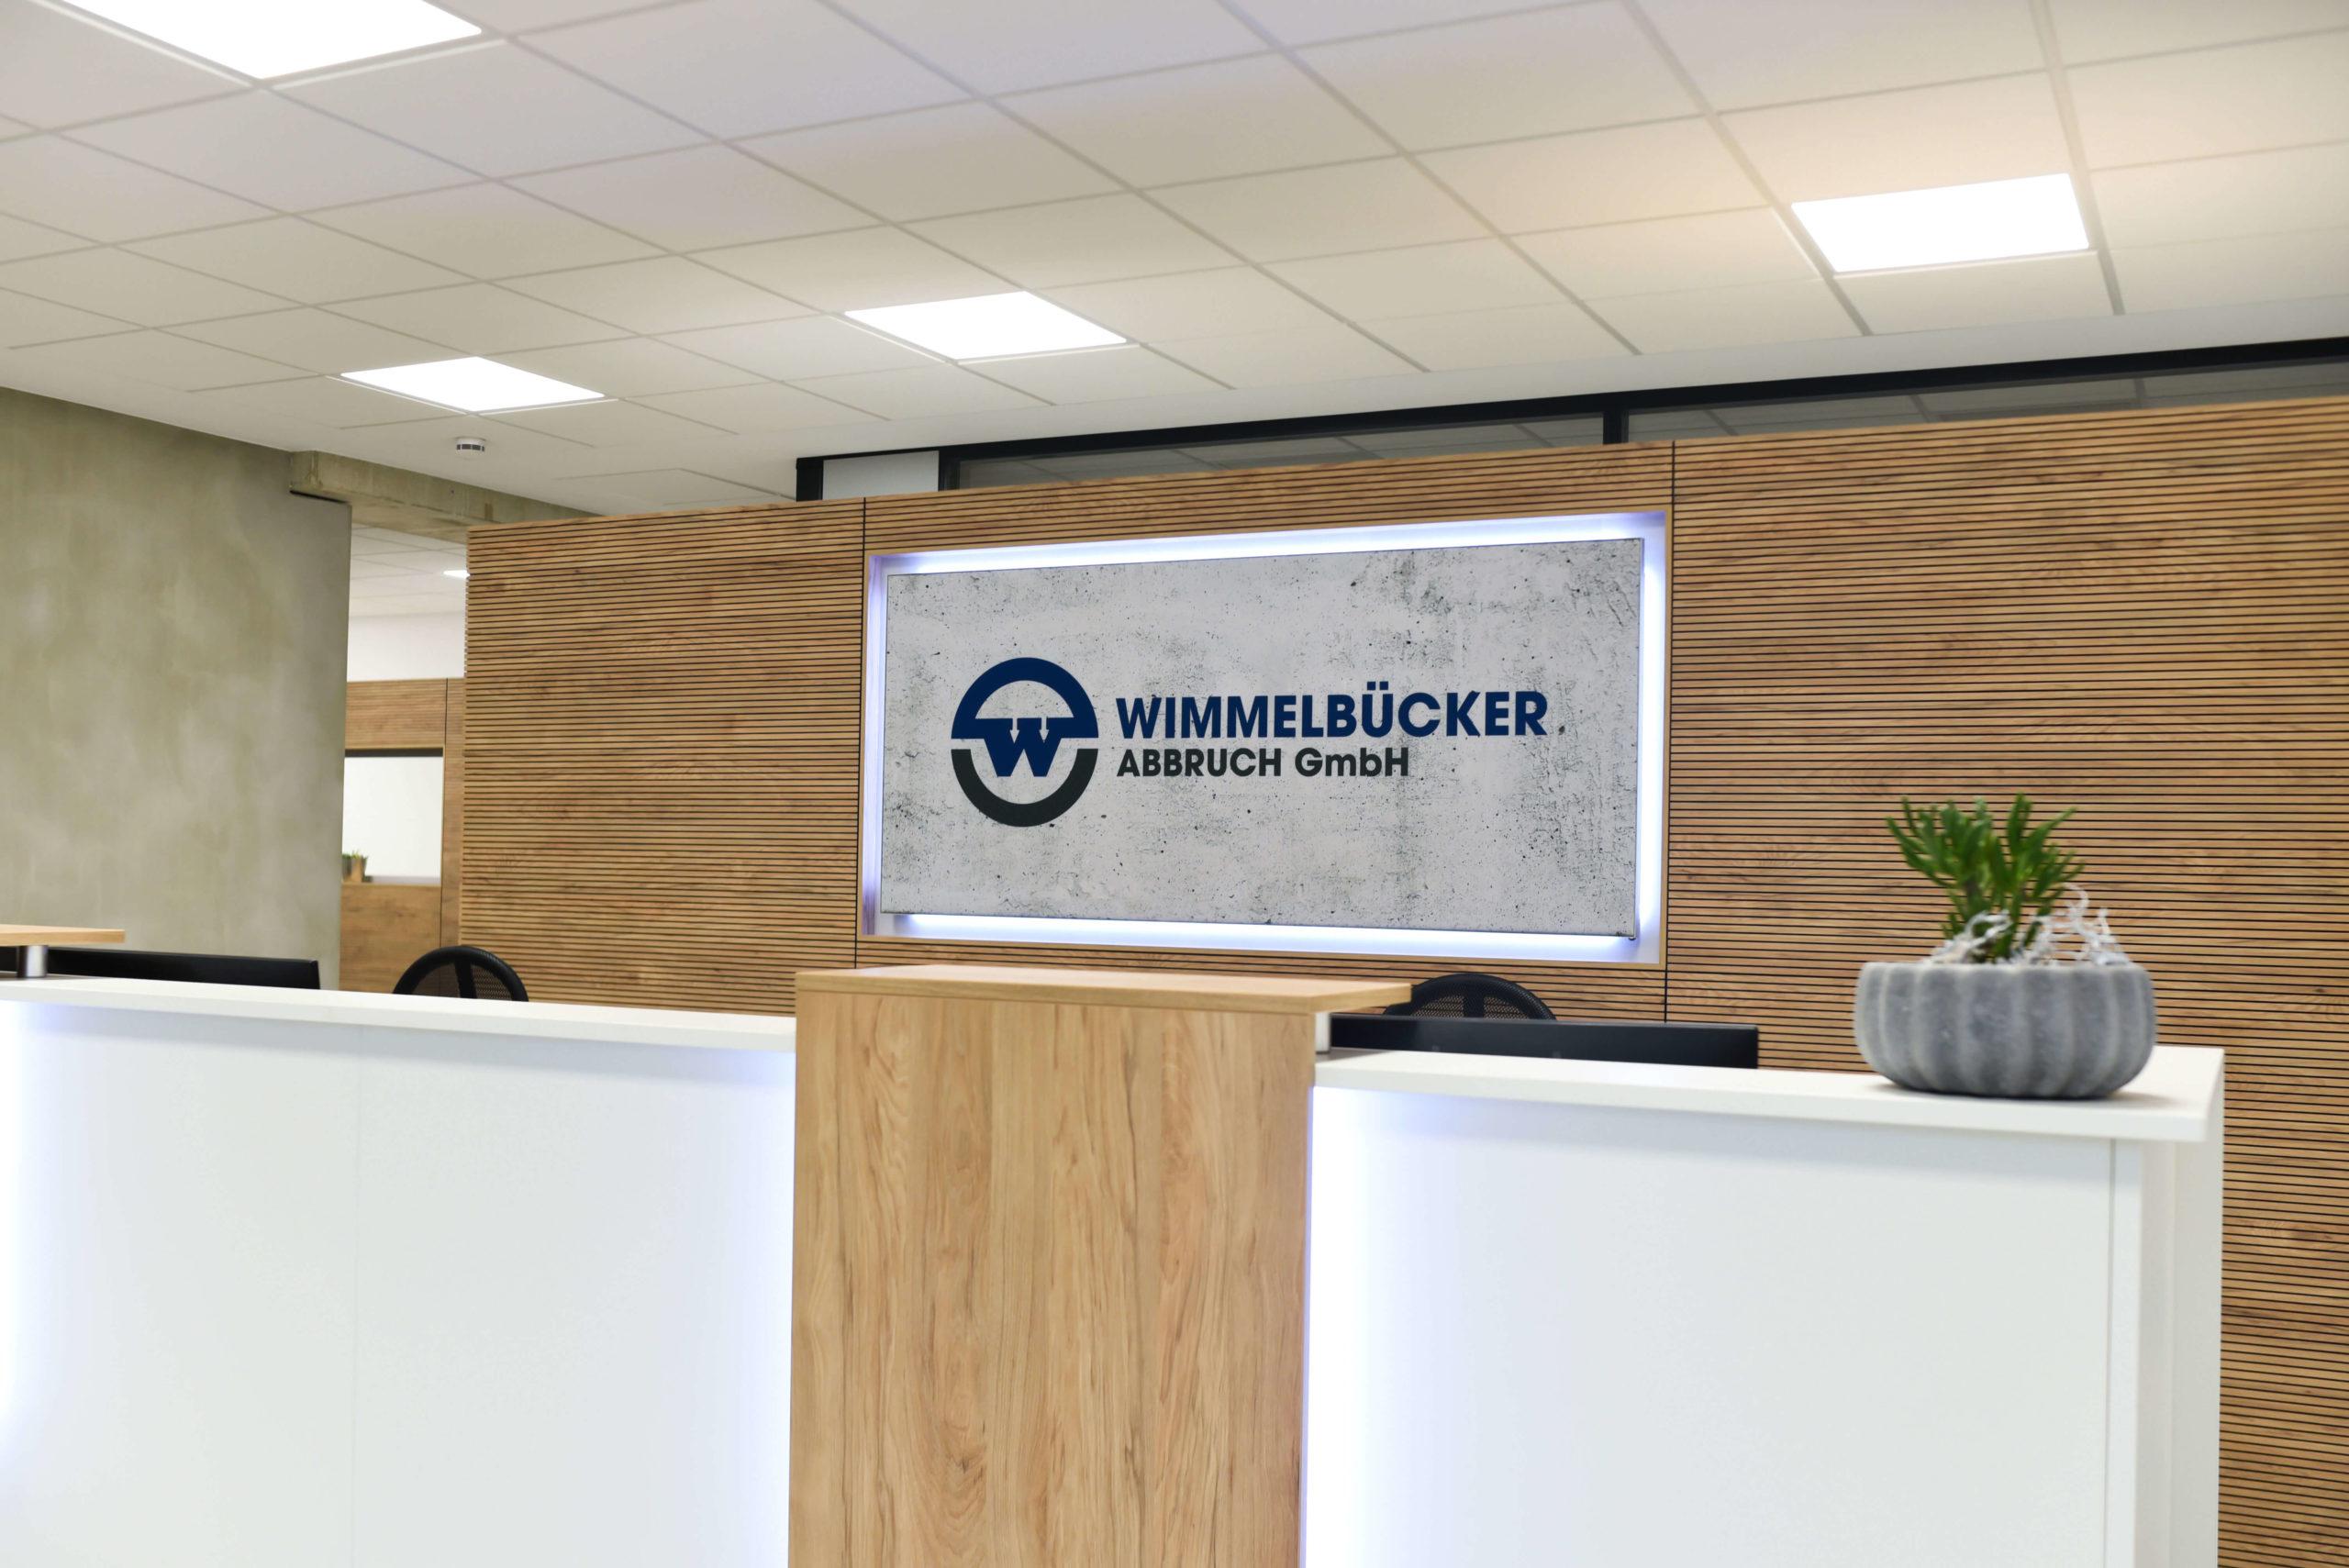 Wimmelbucker